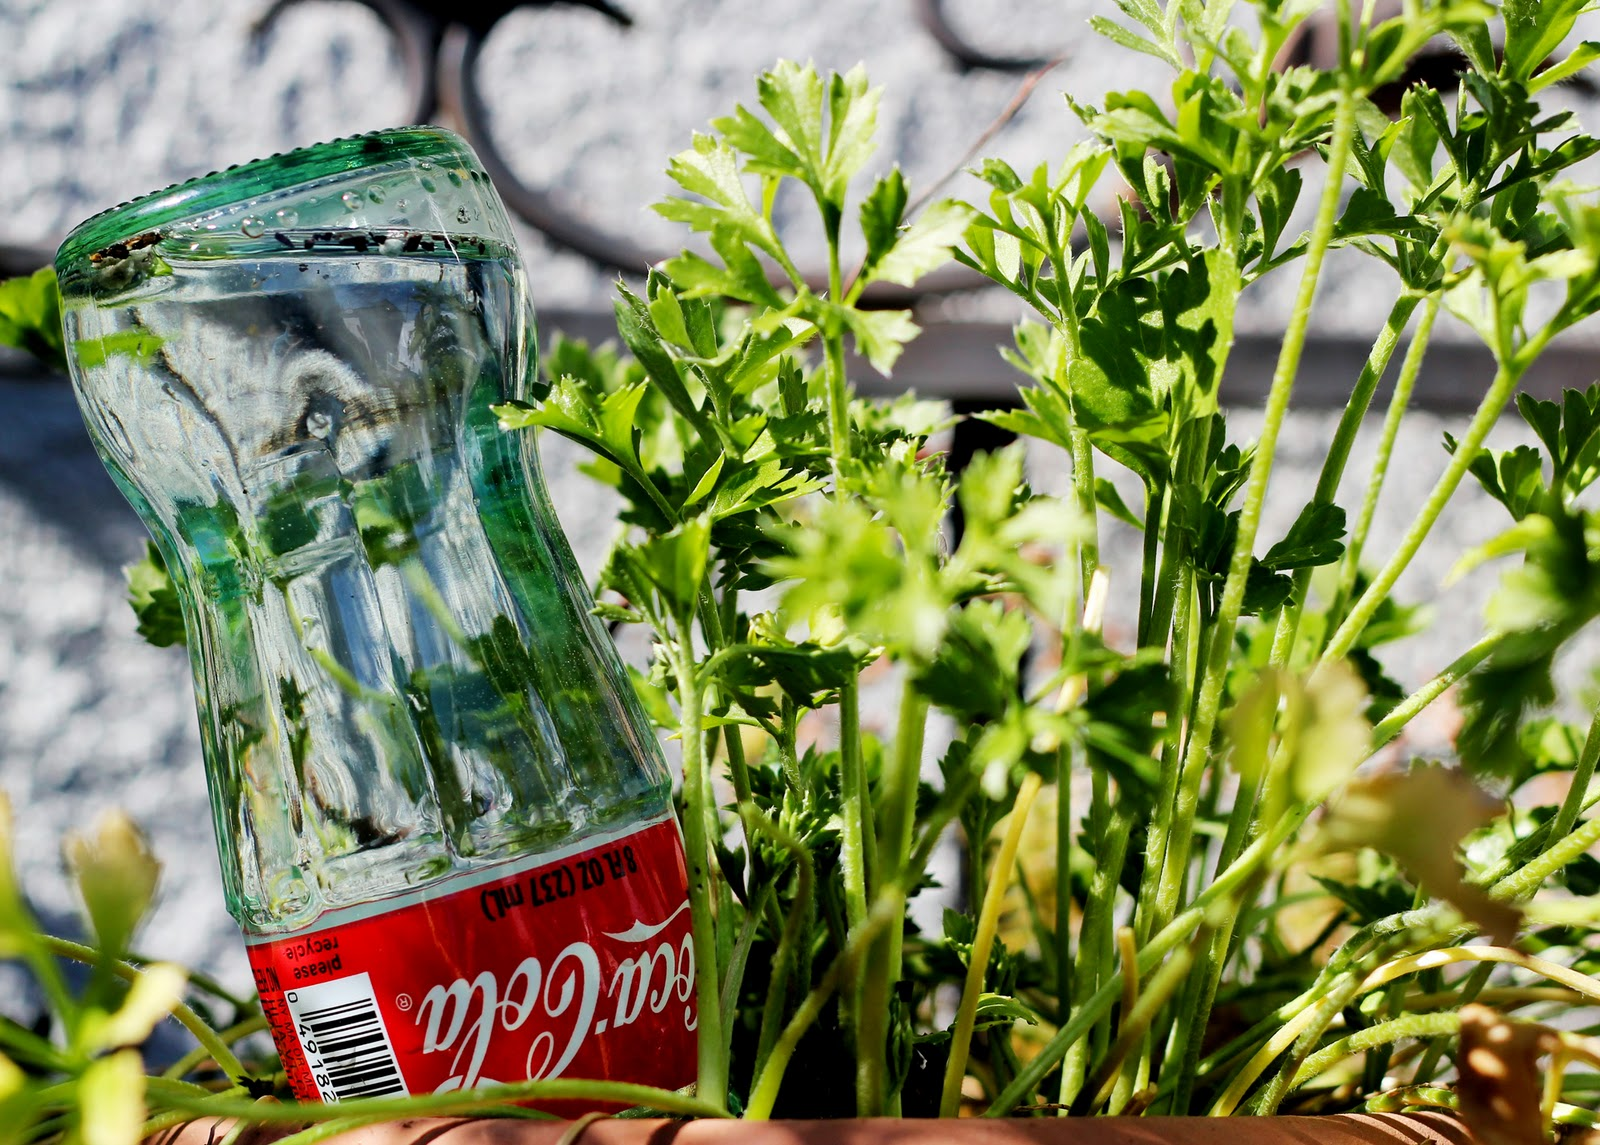 usos-bebida-cola-14